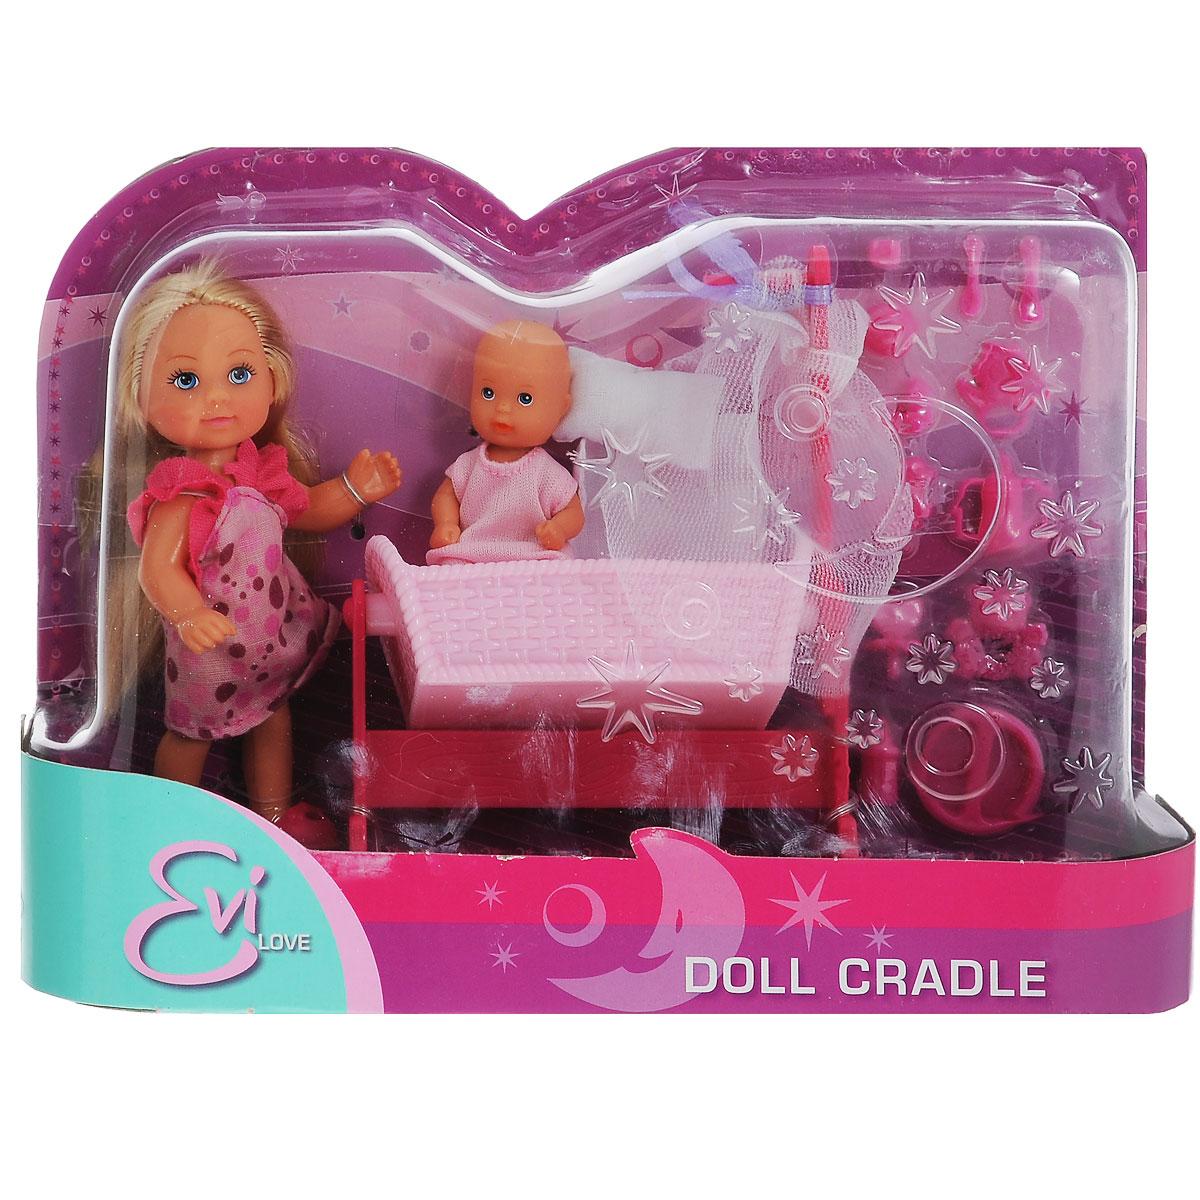 Simba Игровой набор Doll Cradle цвет розовый5736242Игровой набор Simba Doll Cradle порадует любую девочку и надолго увлечет ее. В комплект входит кукла Еви, пупс-малыш, колыбель для малыша с мягкой подушкой и одеялом, а также множество аксессуаров для кормления и ухода за малышом. Все аксессуары выполнены из прочного безопасного пластика. Кукла Еви одета в длинное платье в цветочек, на голове у нее - эластичный ободок. На малыше надето розовое боди. Вашей дочурке непременно понравится заплетать длинные белокурые волосы куклы, придумывая разнообразные прически. Руки, ноги и голова куклы подвижны, благодаря чему ей можно придавать разнообразные позы. Игры с куклой способствуют эмоциональному развитию, помогают формировать воображение и художественный вкус, а также разовьют в вашей малышке чувство ответственности и заботы. Великолепное качество исполнения делают этот набор чудесным подарком к любому празднику.